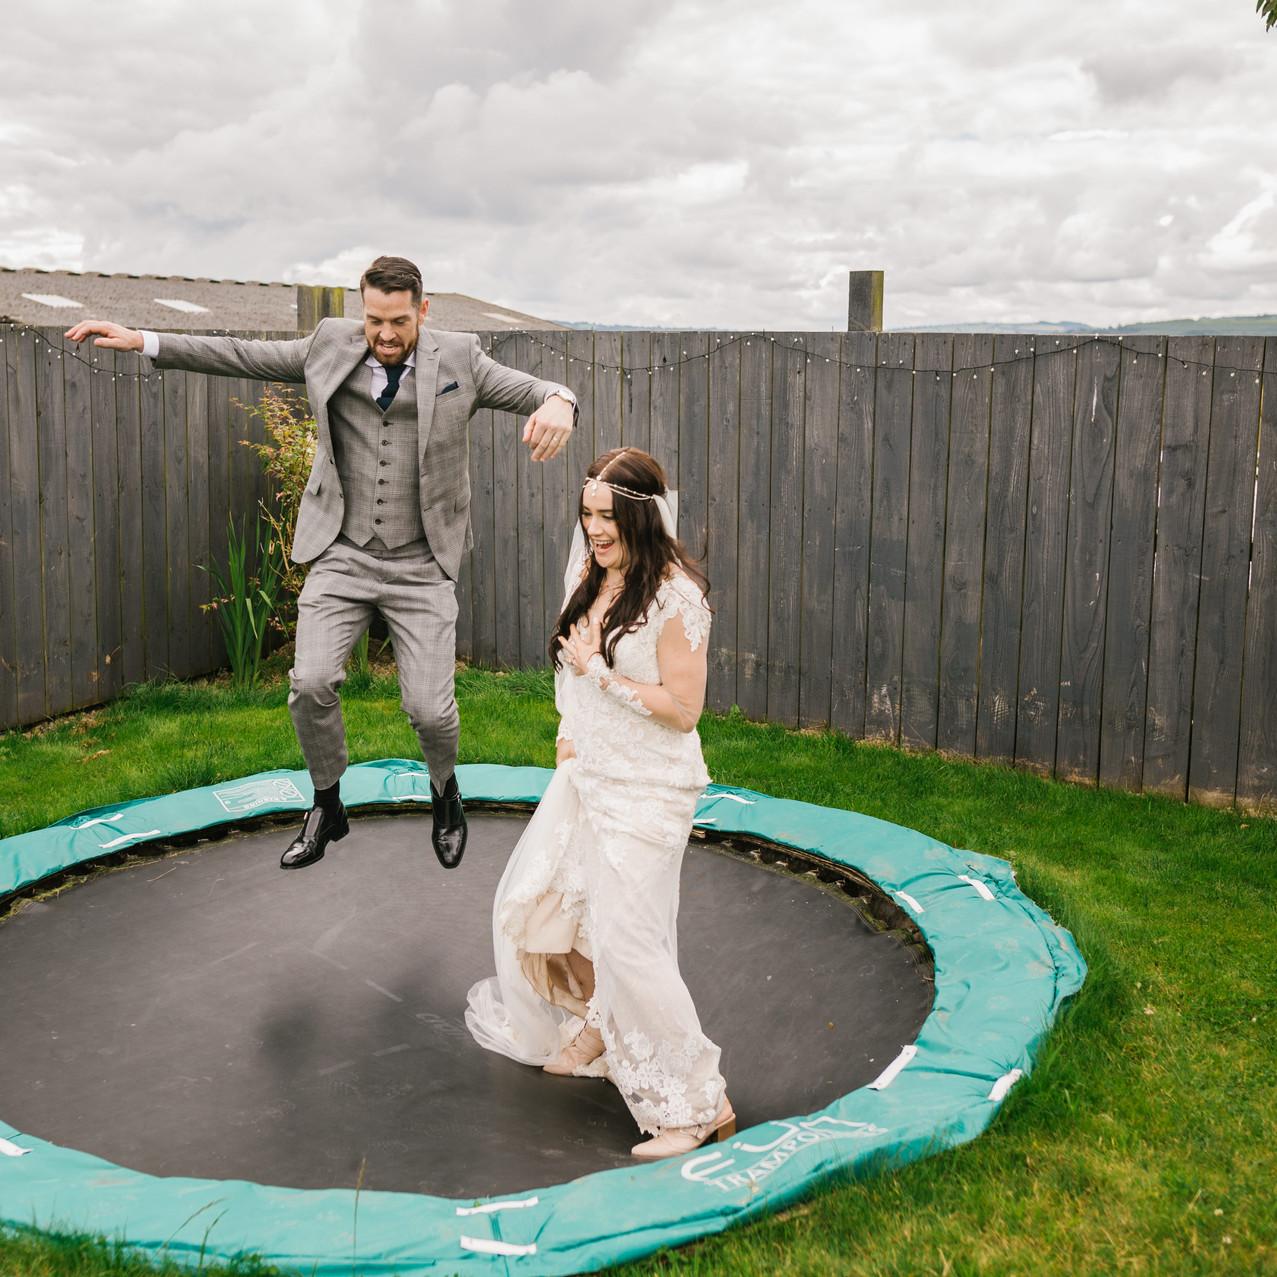 Caerhyn_Farm_Wedding_Photography_Lauren_Barry-725